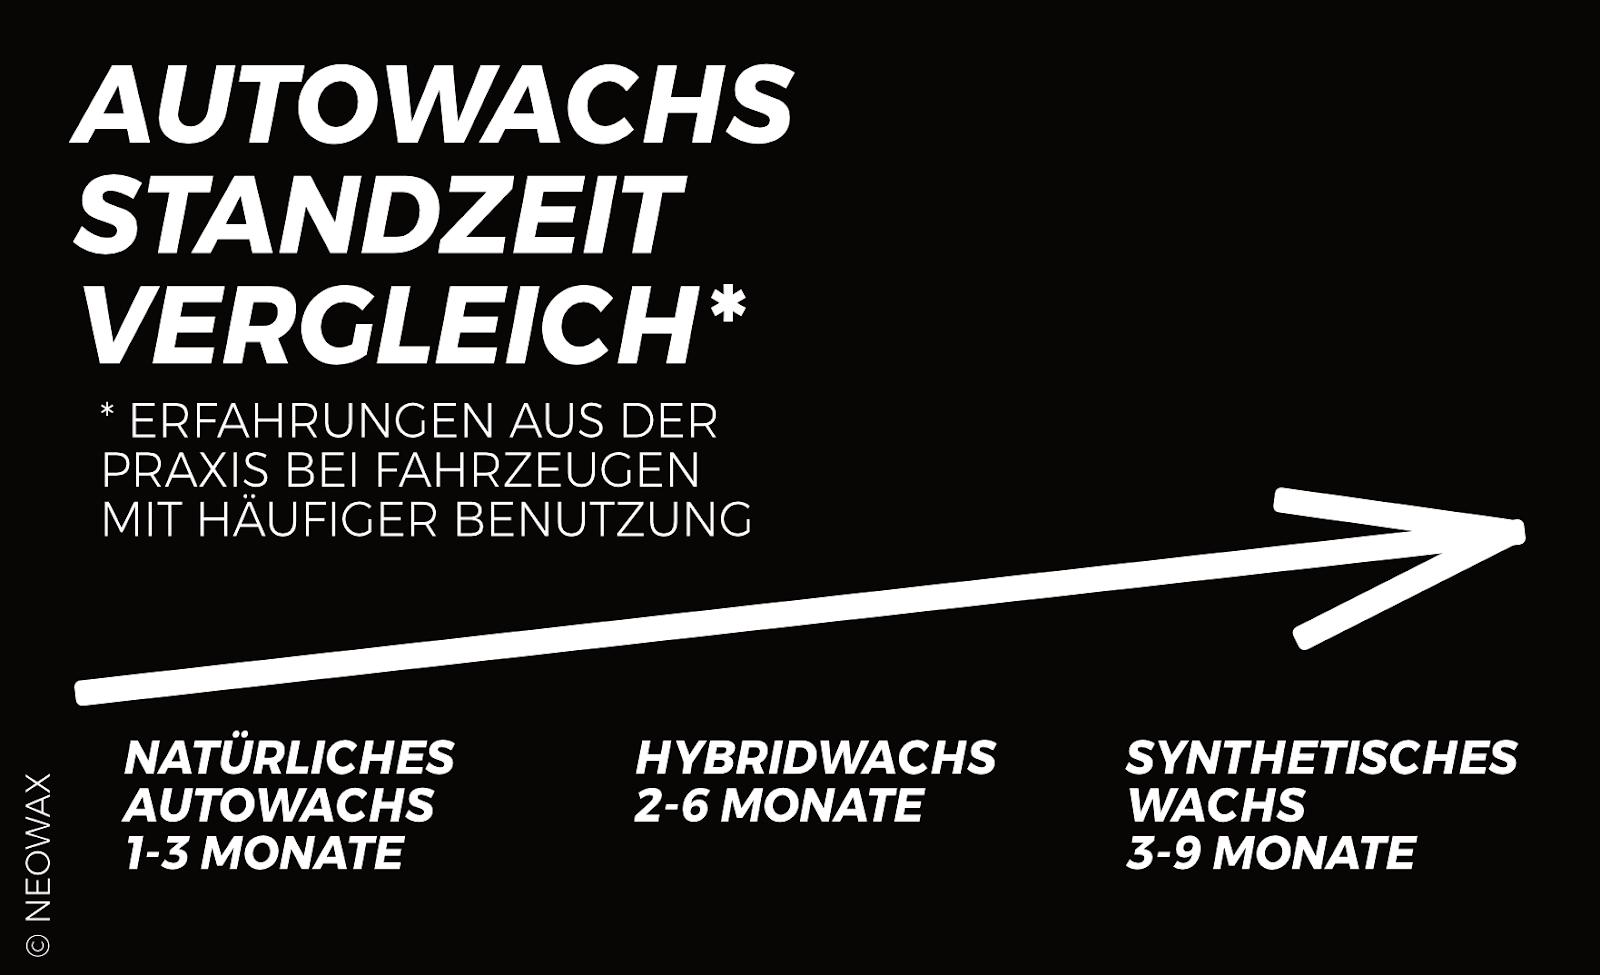 Zeitstrahl mit Angabe - natürliches AUTOWACHS 1-3 Monate, HYBRIDWACHS 2-6 Monate, SYNTHETISCHES WACHS 3-9 MONATE